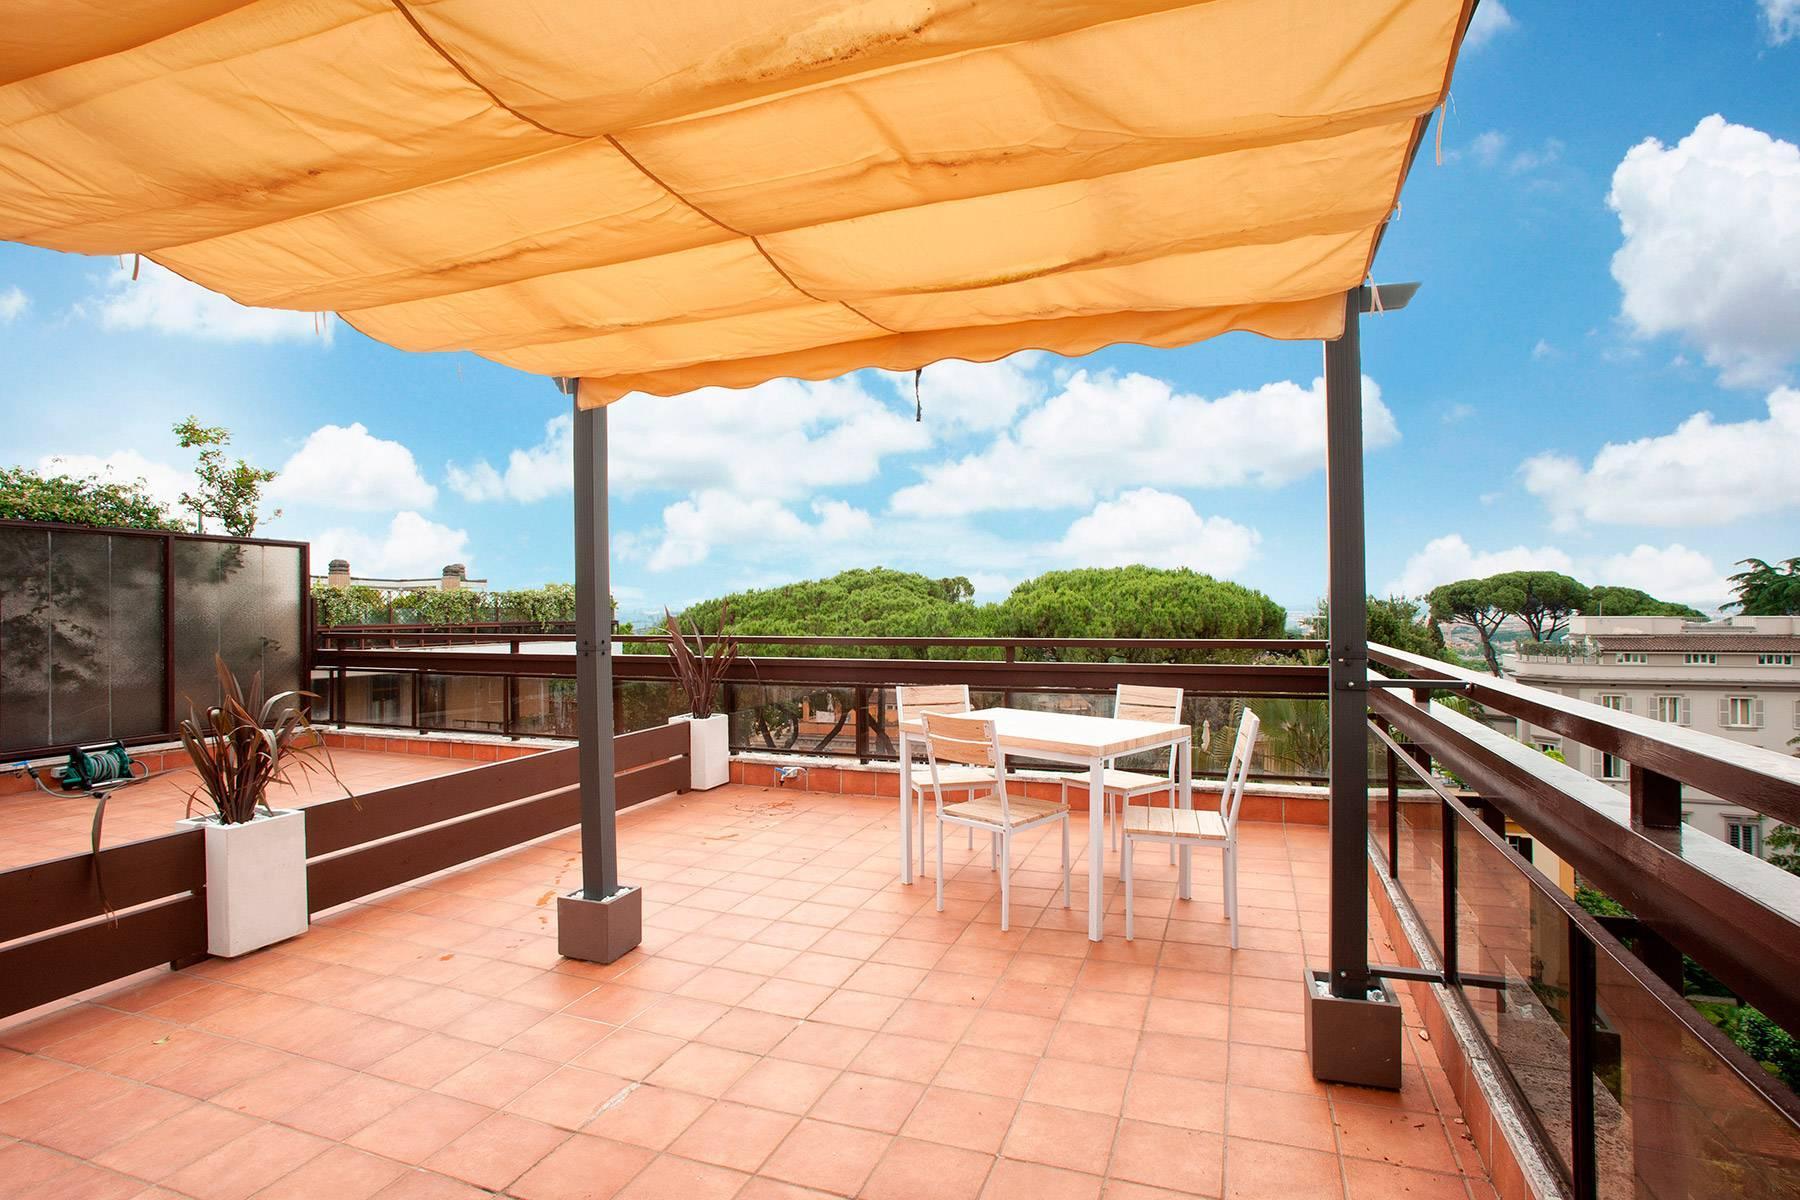 Design-Penthouse mit Panorama-Terrasse mitten im Grünen - 7